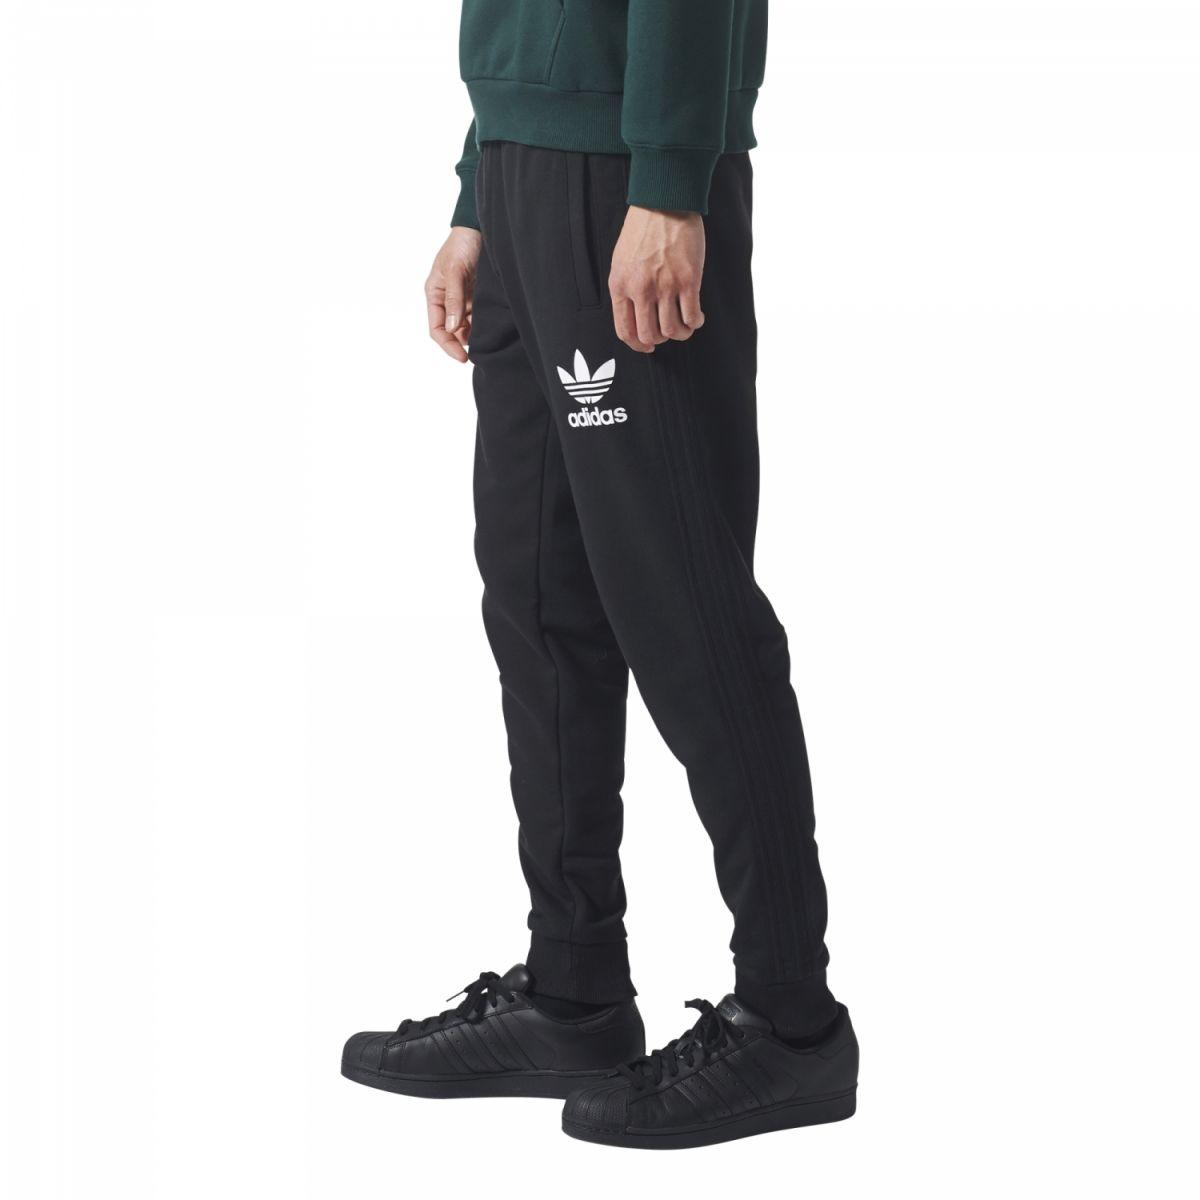 a2e62e3749dce7 adidas originals jogginghose 3 streifen kollektion-Kostenlose Lieferung!